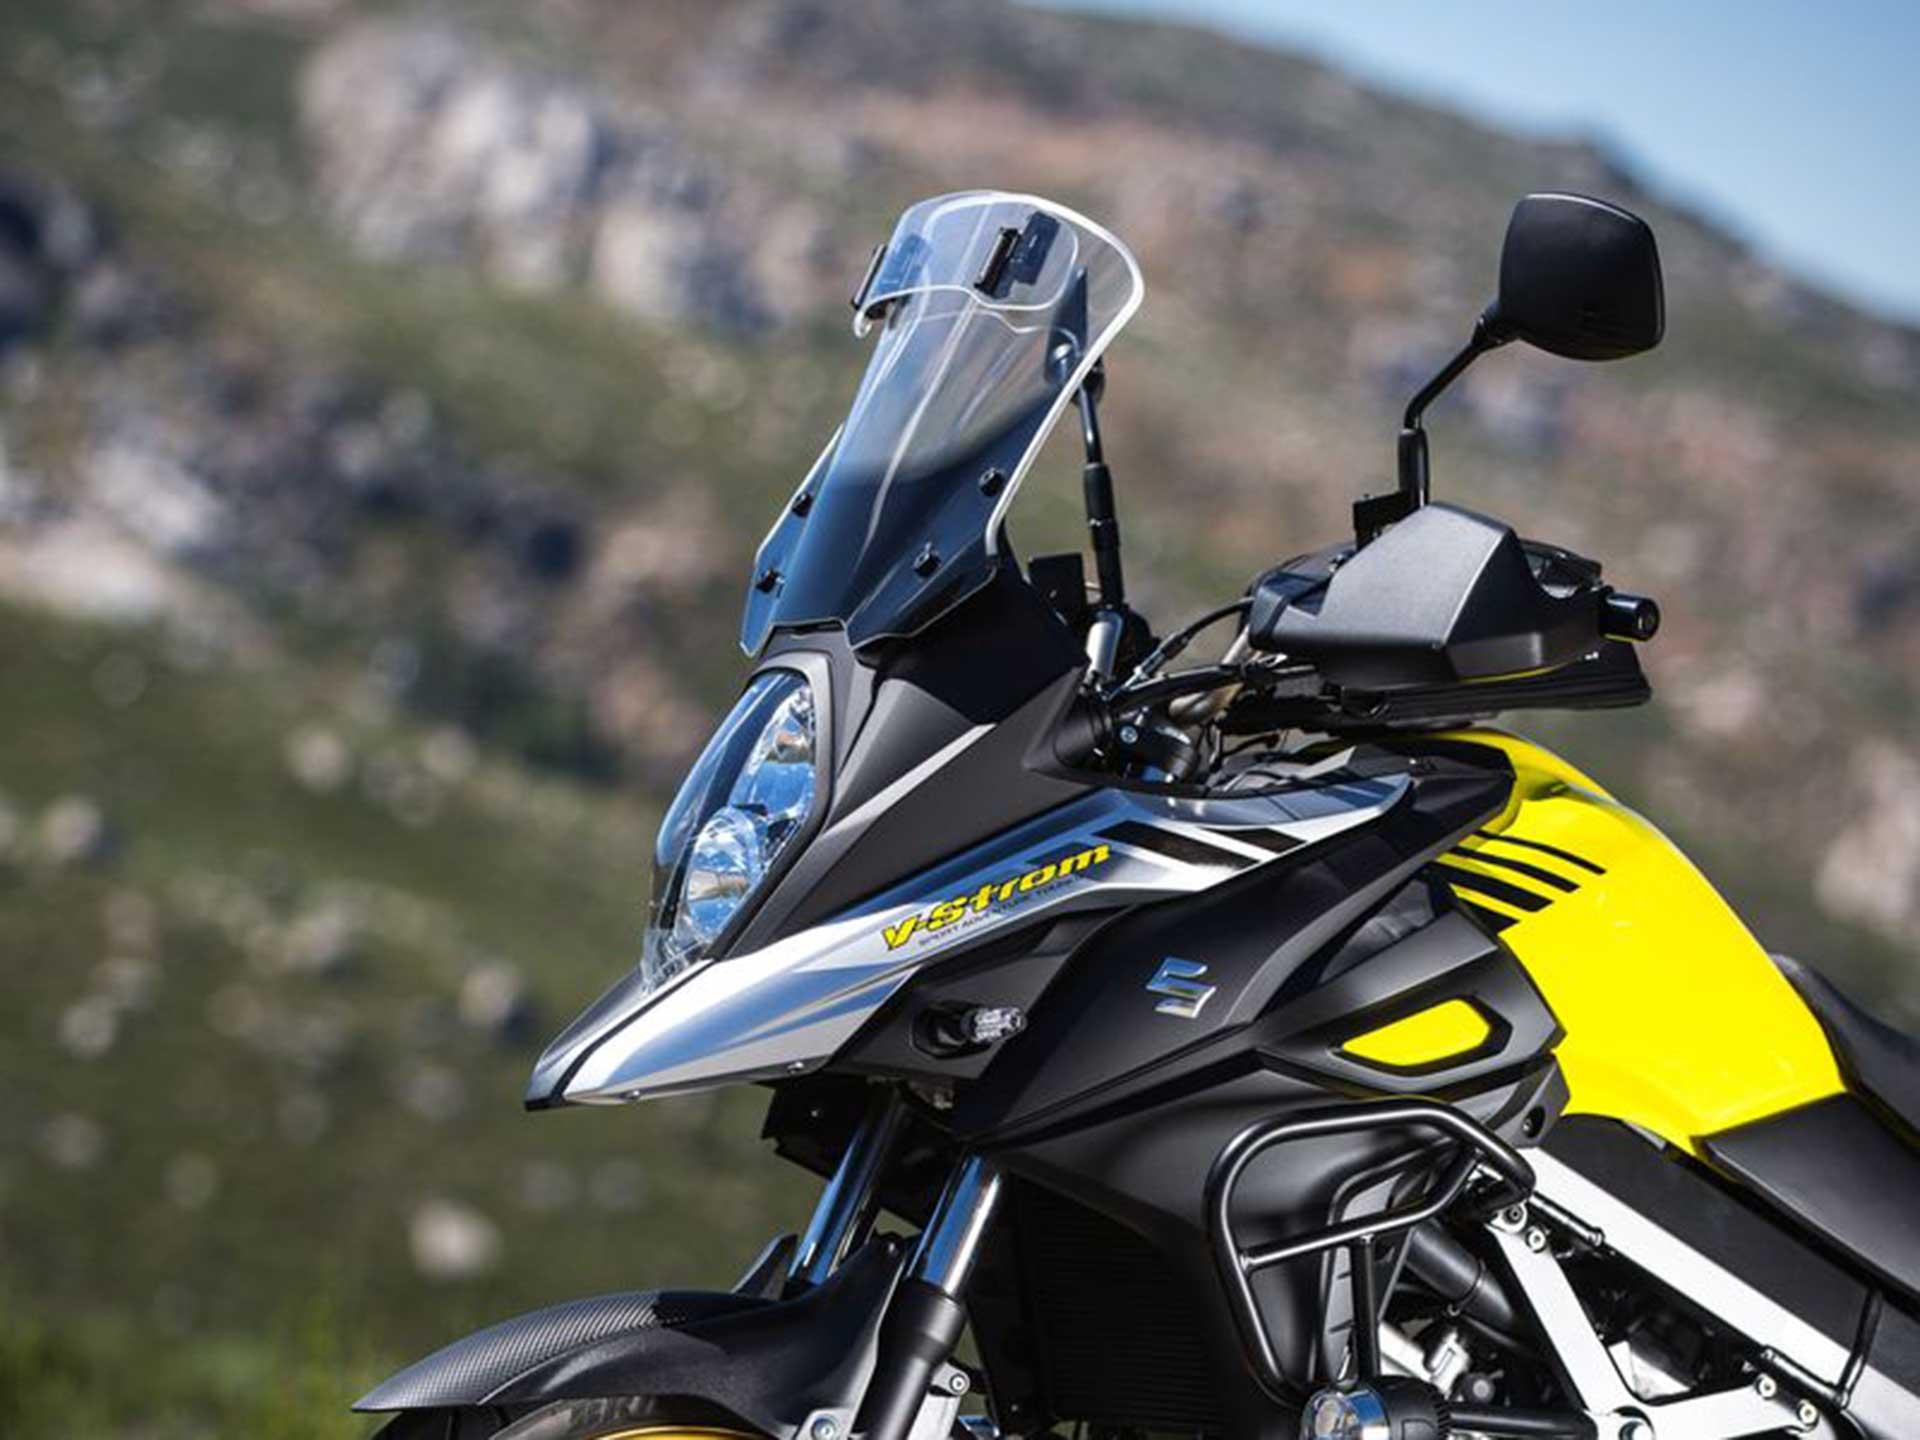 Ducati Streetfighter V4 S 2021 | Motoren en Toerisme